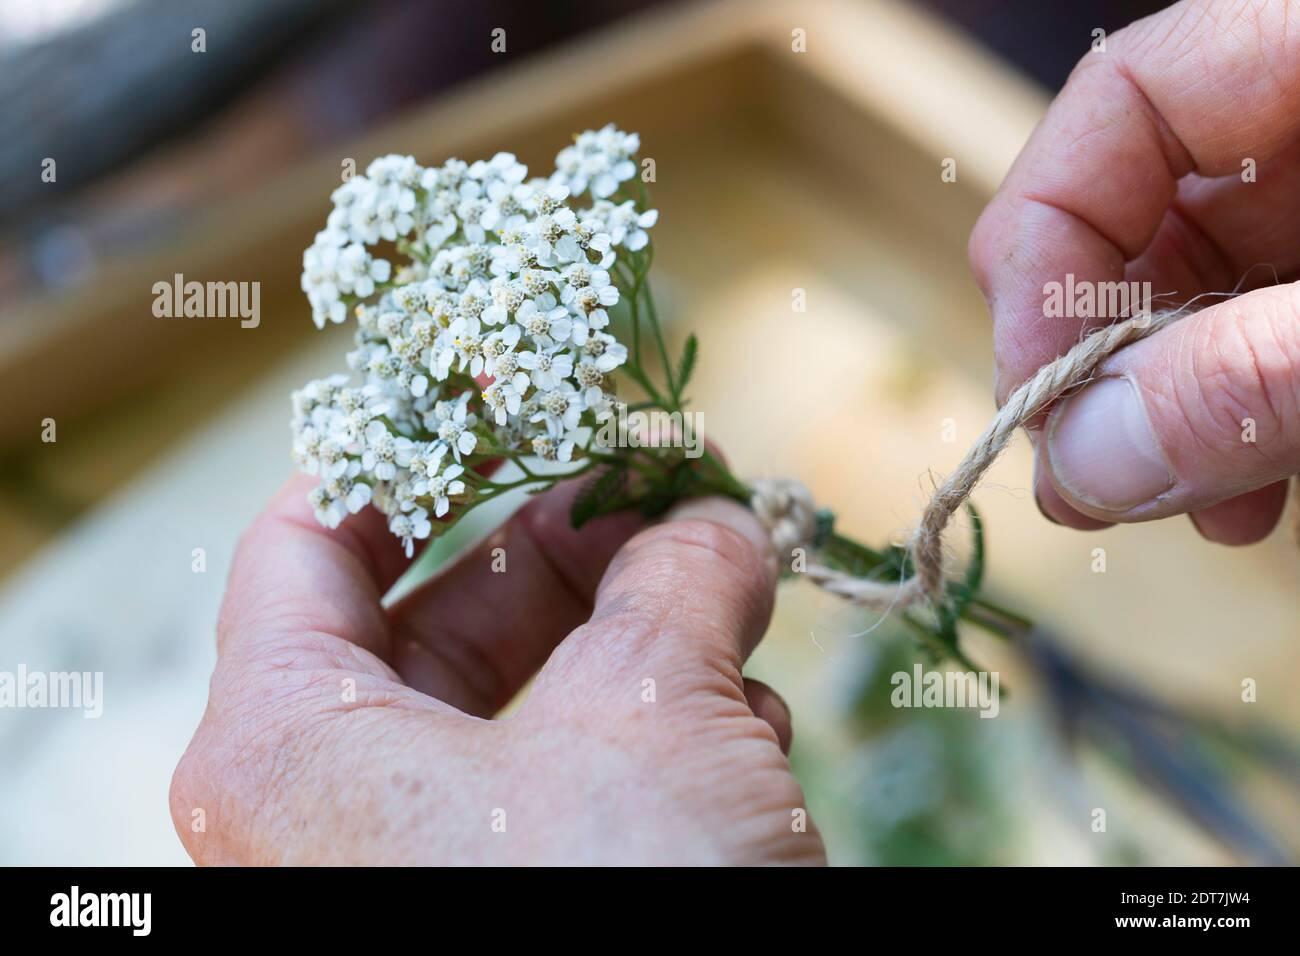 Yarrow común, milfoil (Achillea millefolium), pequeño ramo de yarrows está siendo atado, Alemania Foto de stock